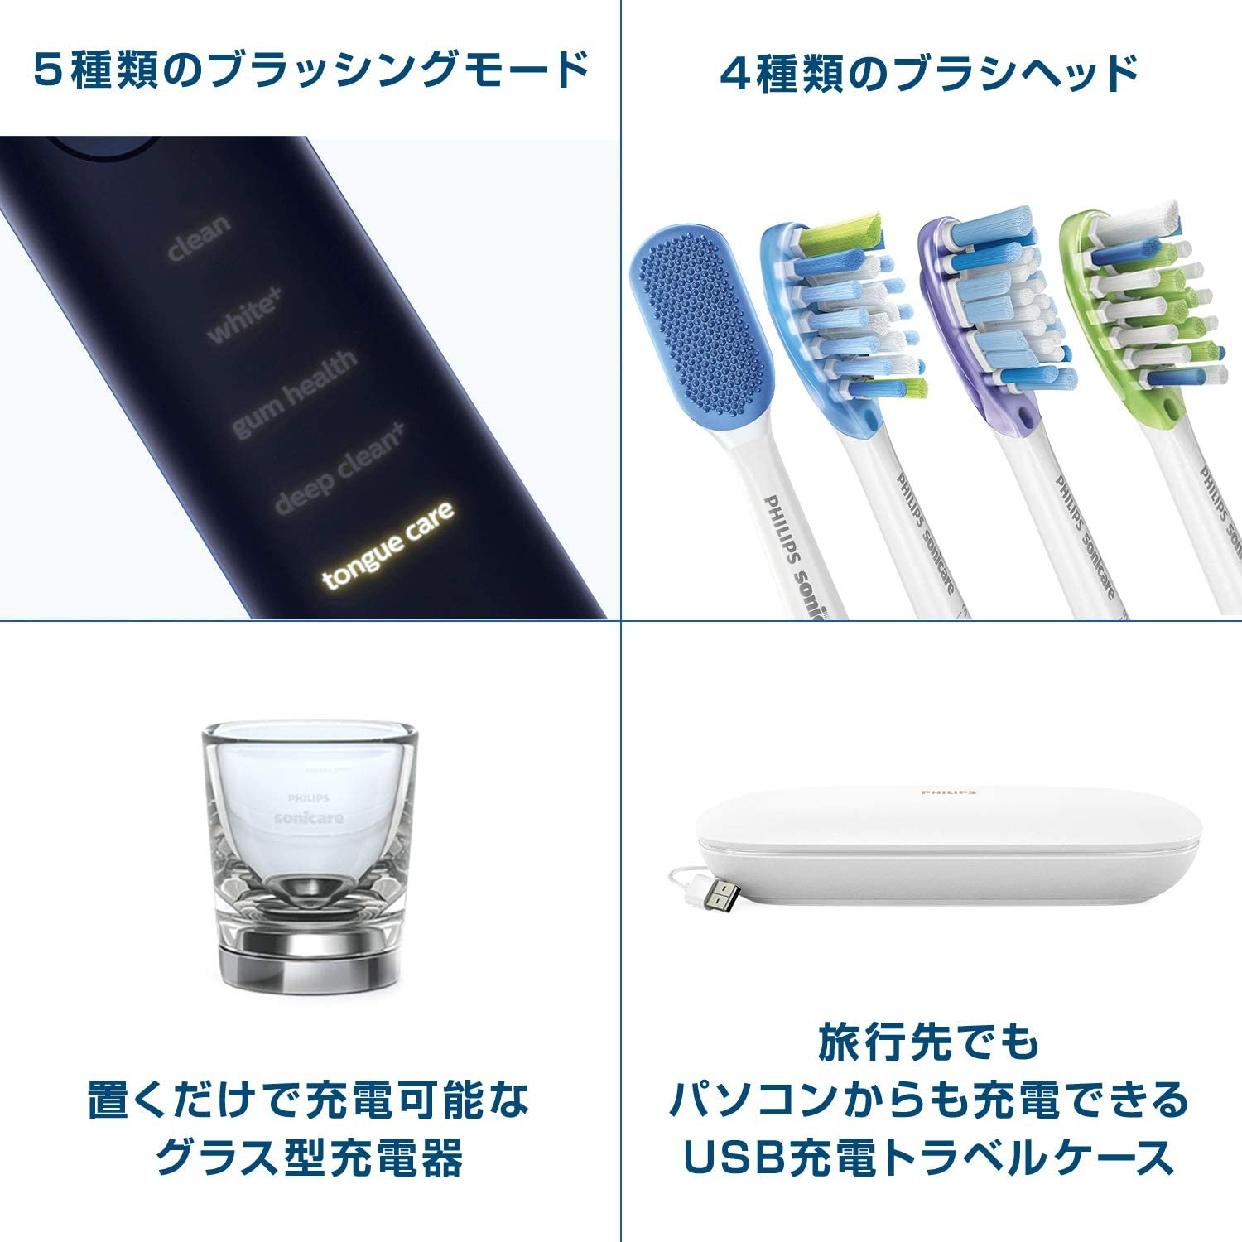 sonicare(ソニッケアー)ダイヤモンドクリーン スマート HX9964/55の商品画像5